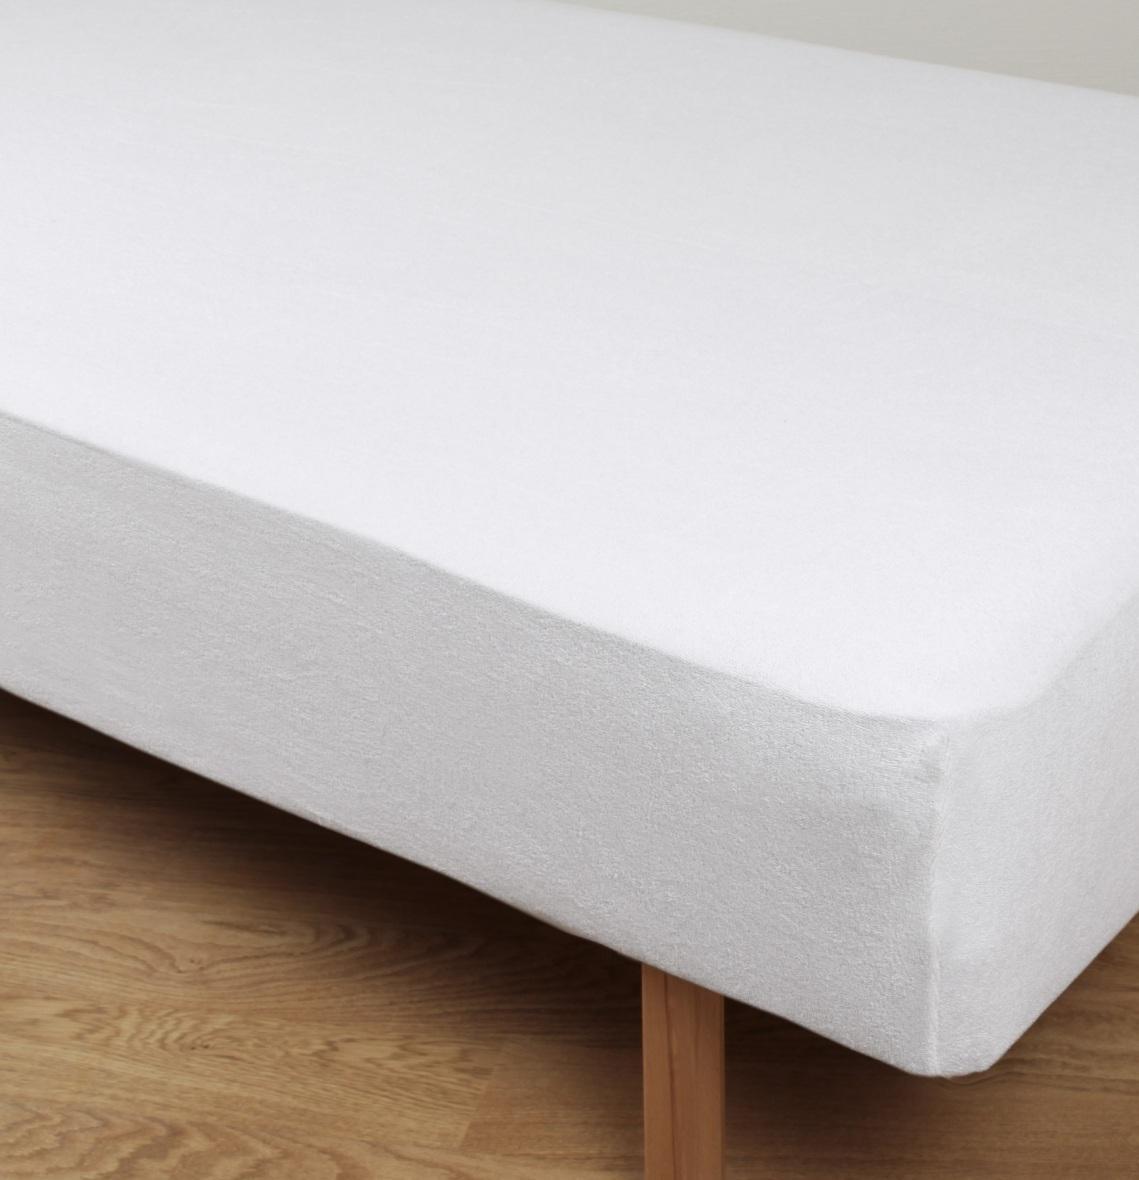 Sängklädsel 120 x 200 cm frotté Värnamo of Sweden